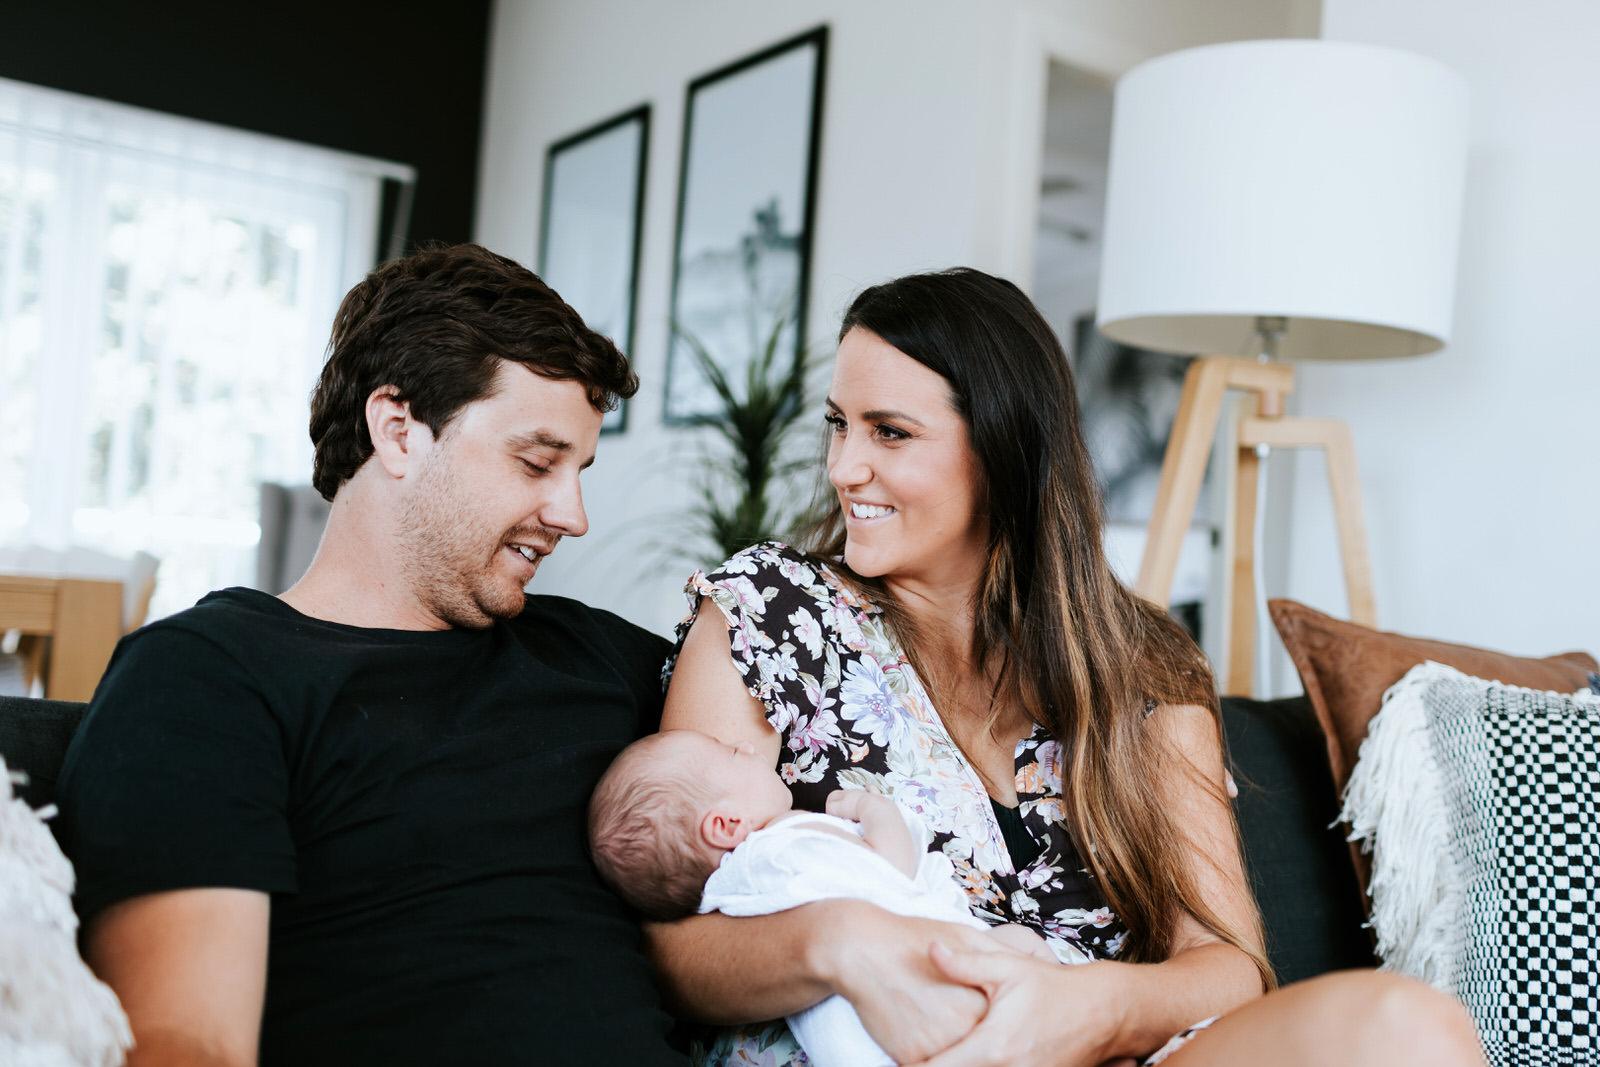 20180127 - The Hosler Family 0026.jpg